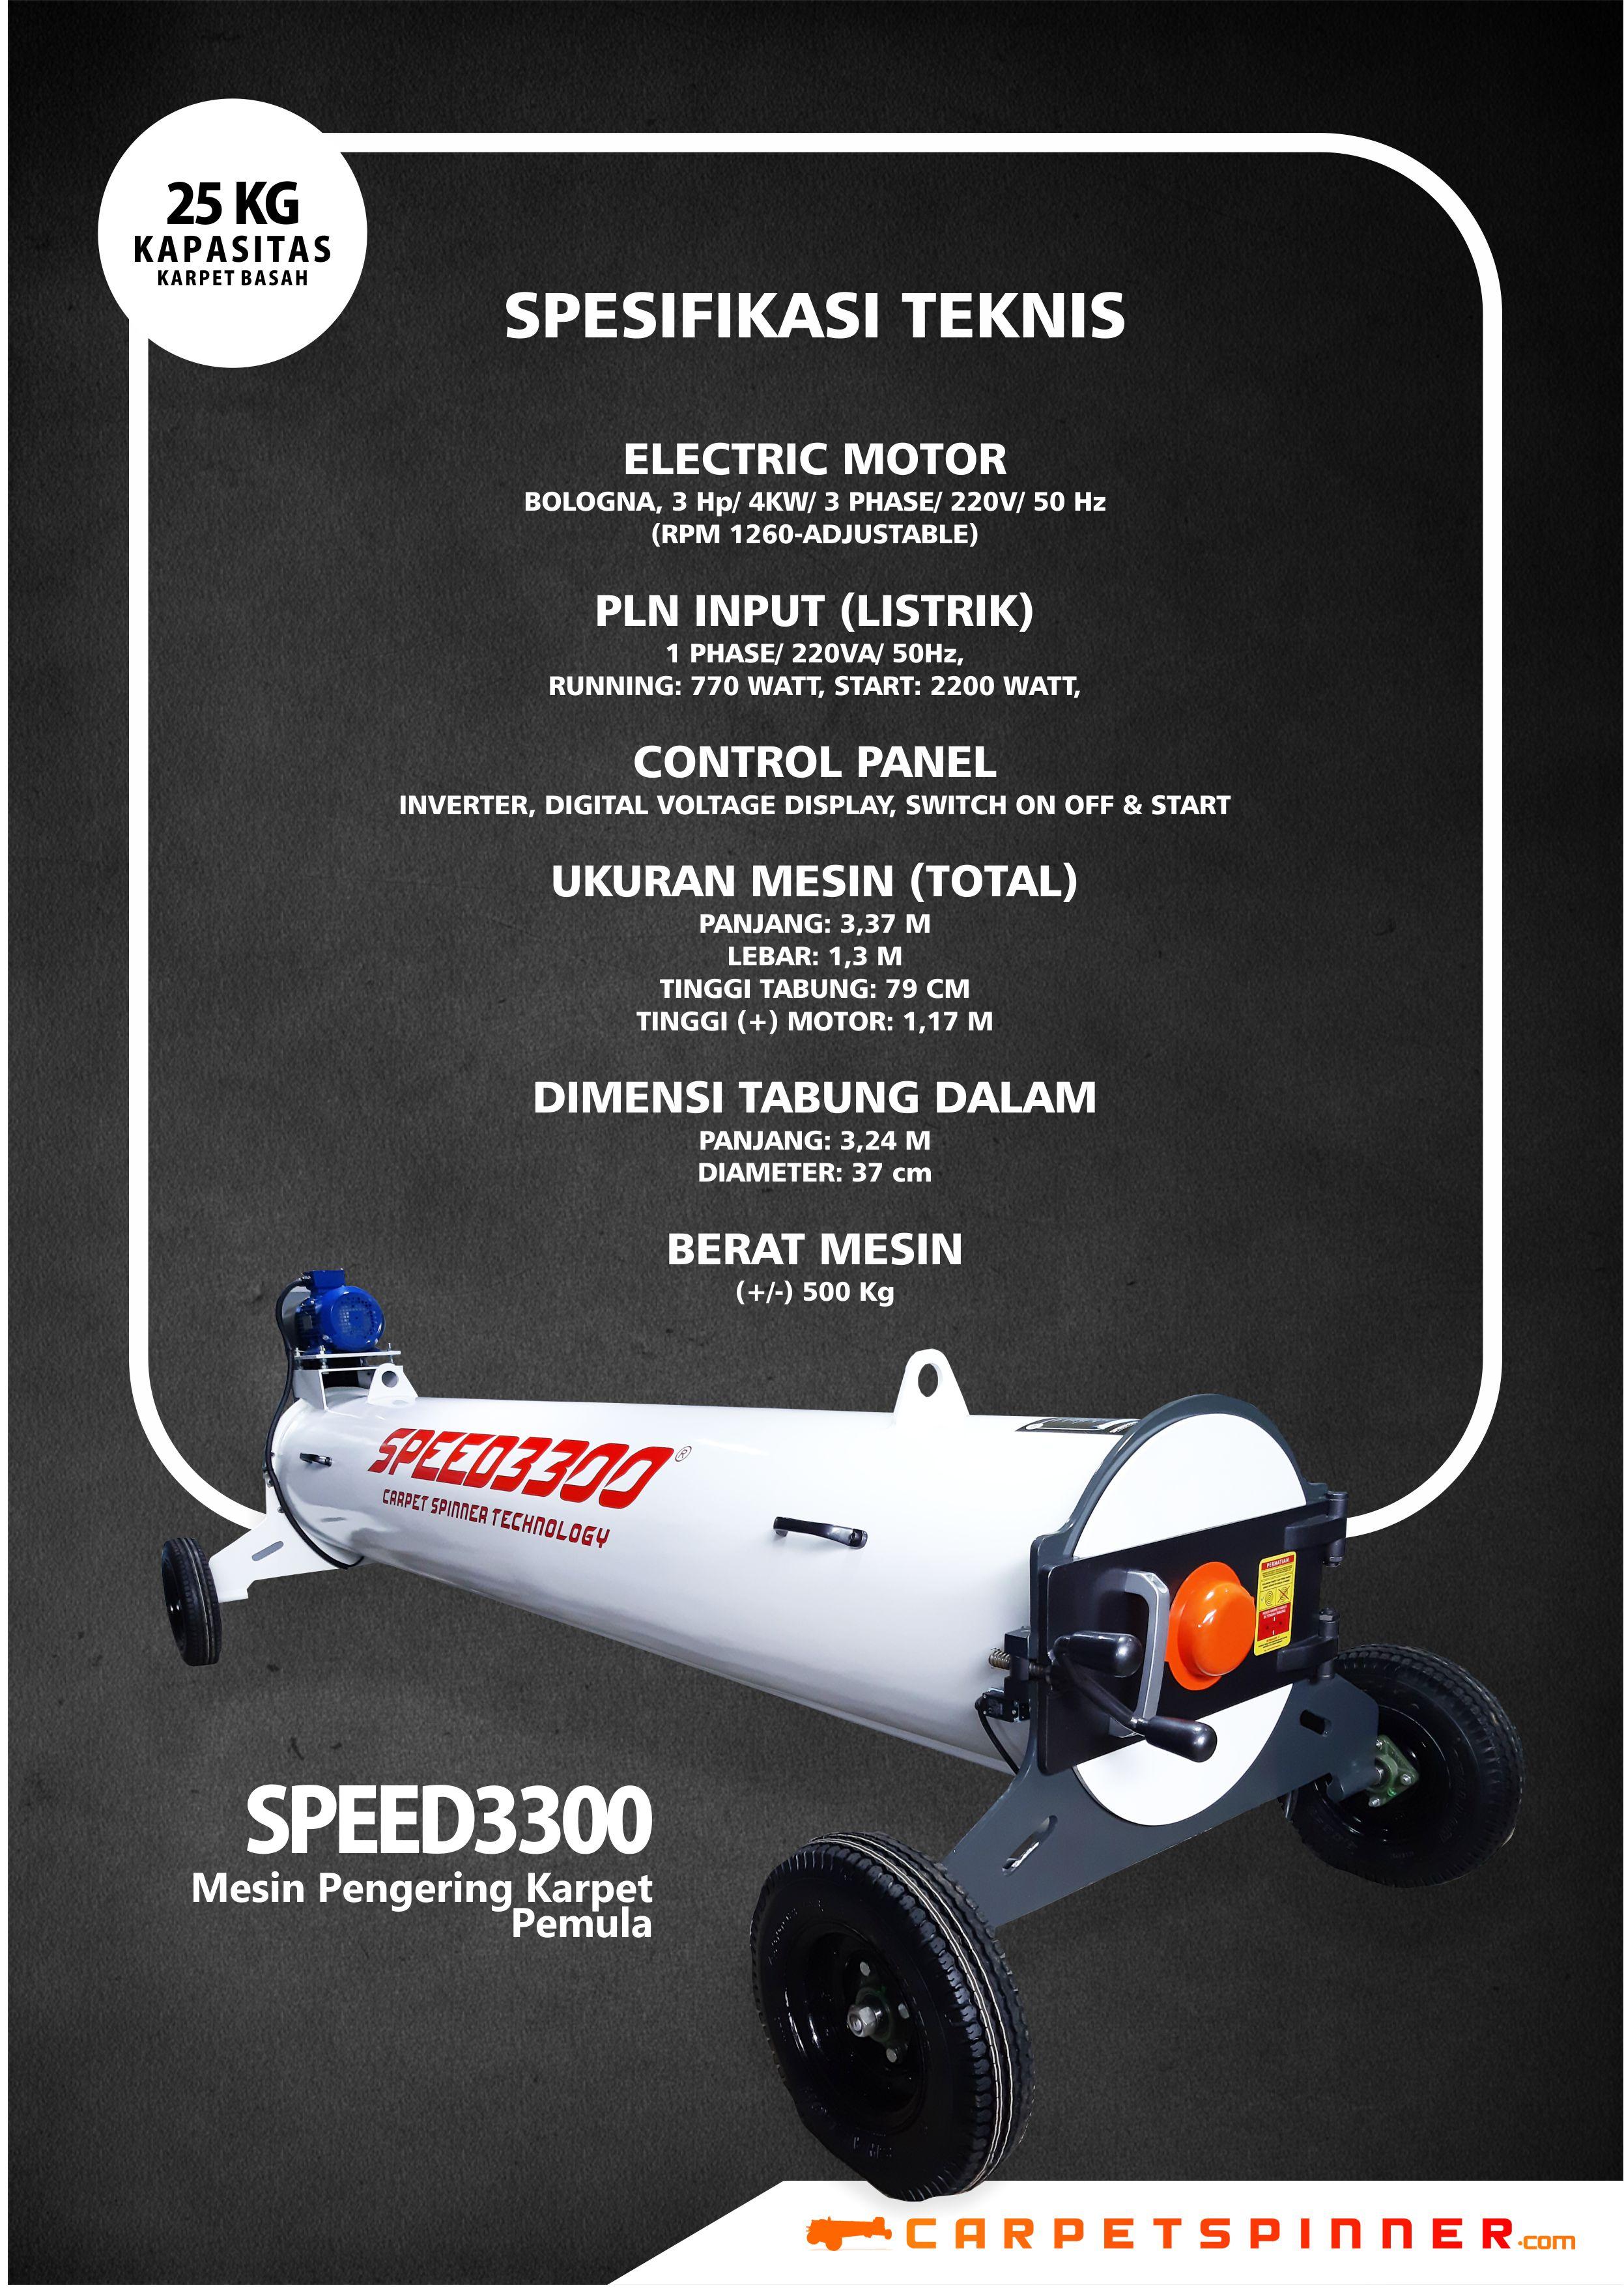 Spesifikasi Teknis SPEED3300 Carpet Spinner 2019